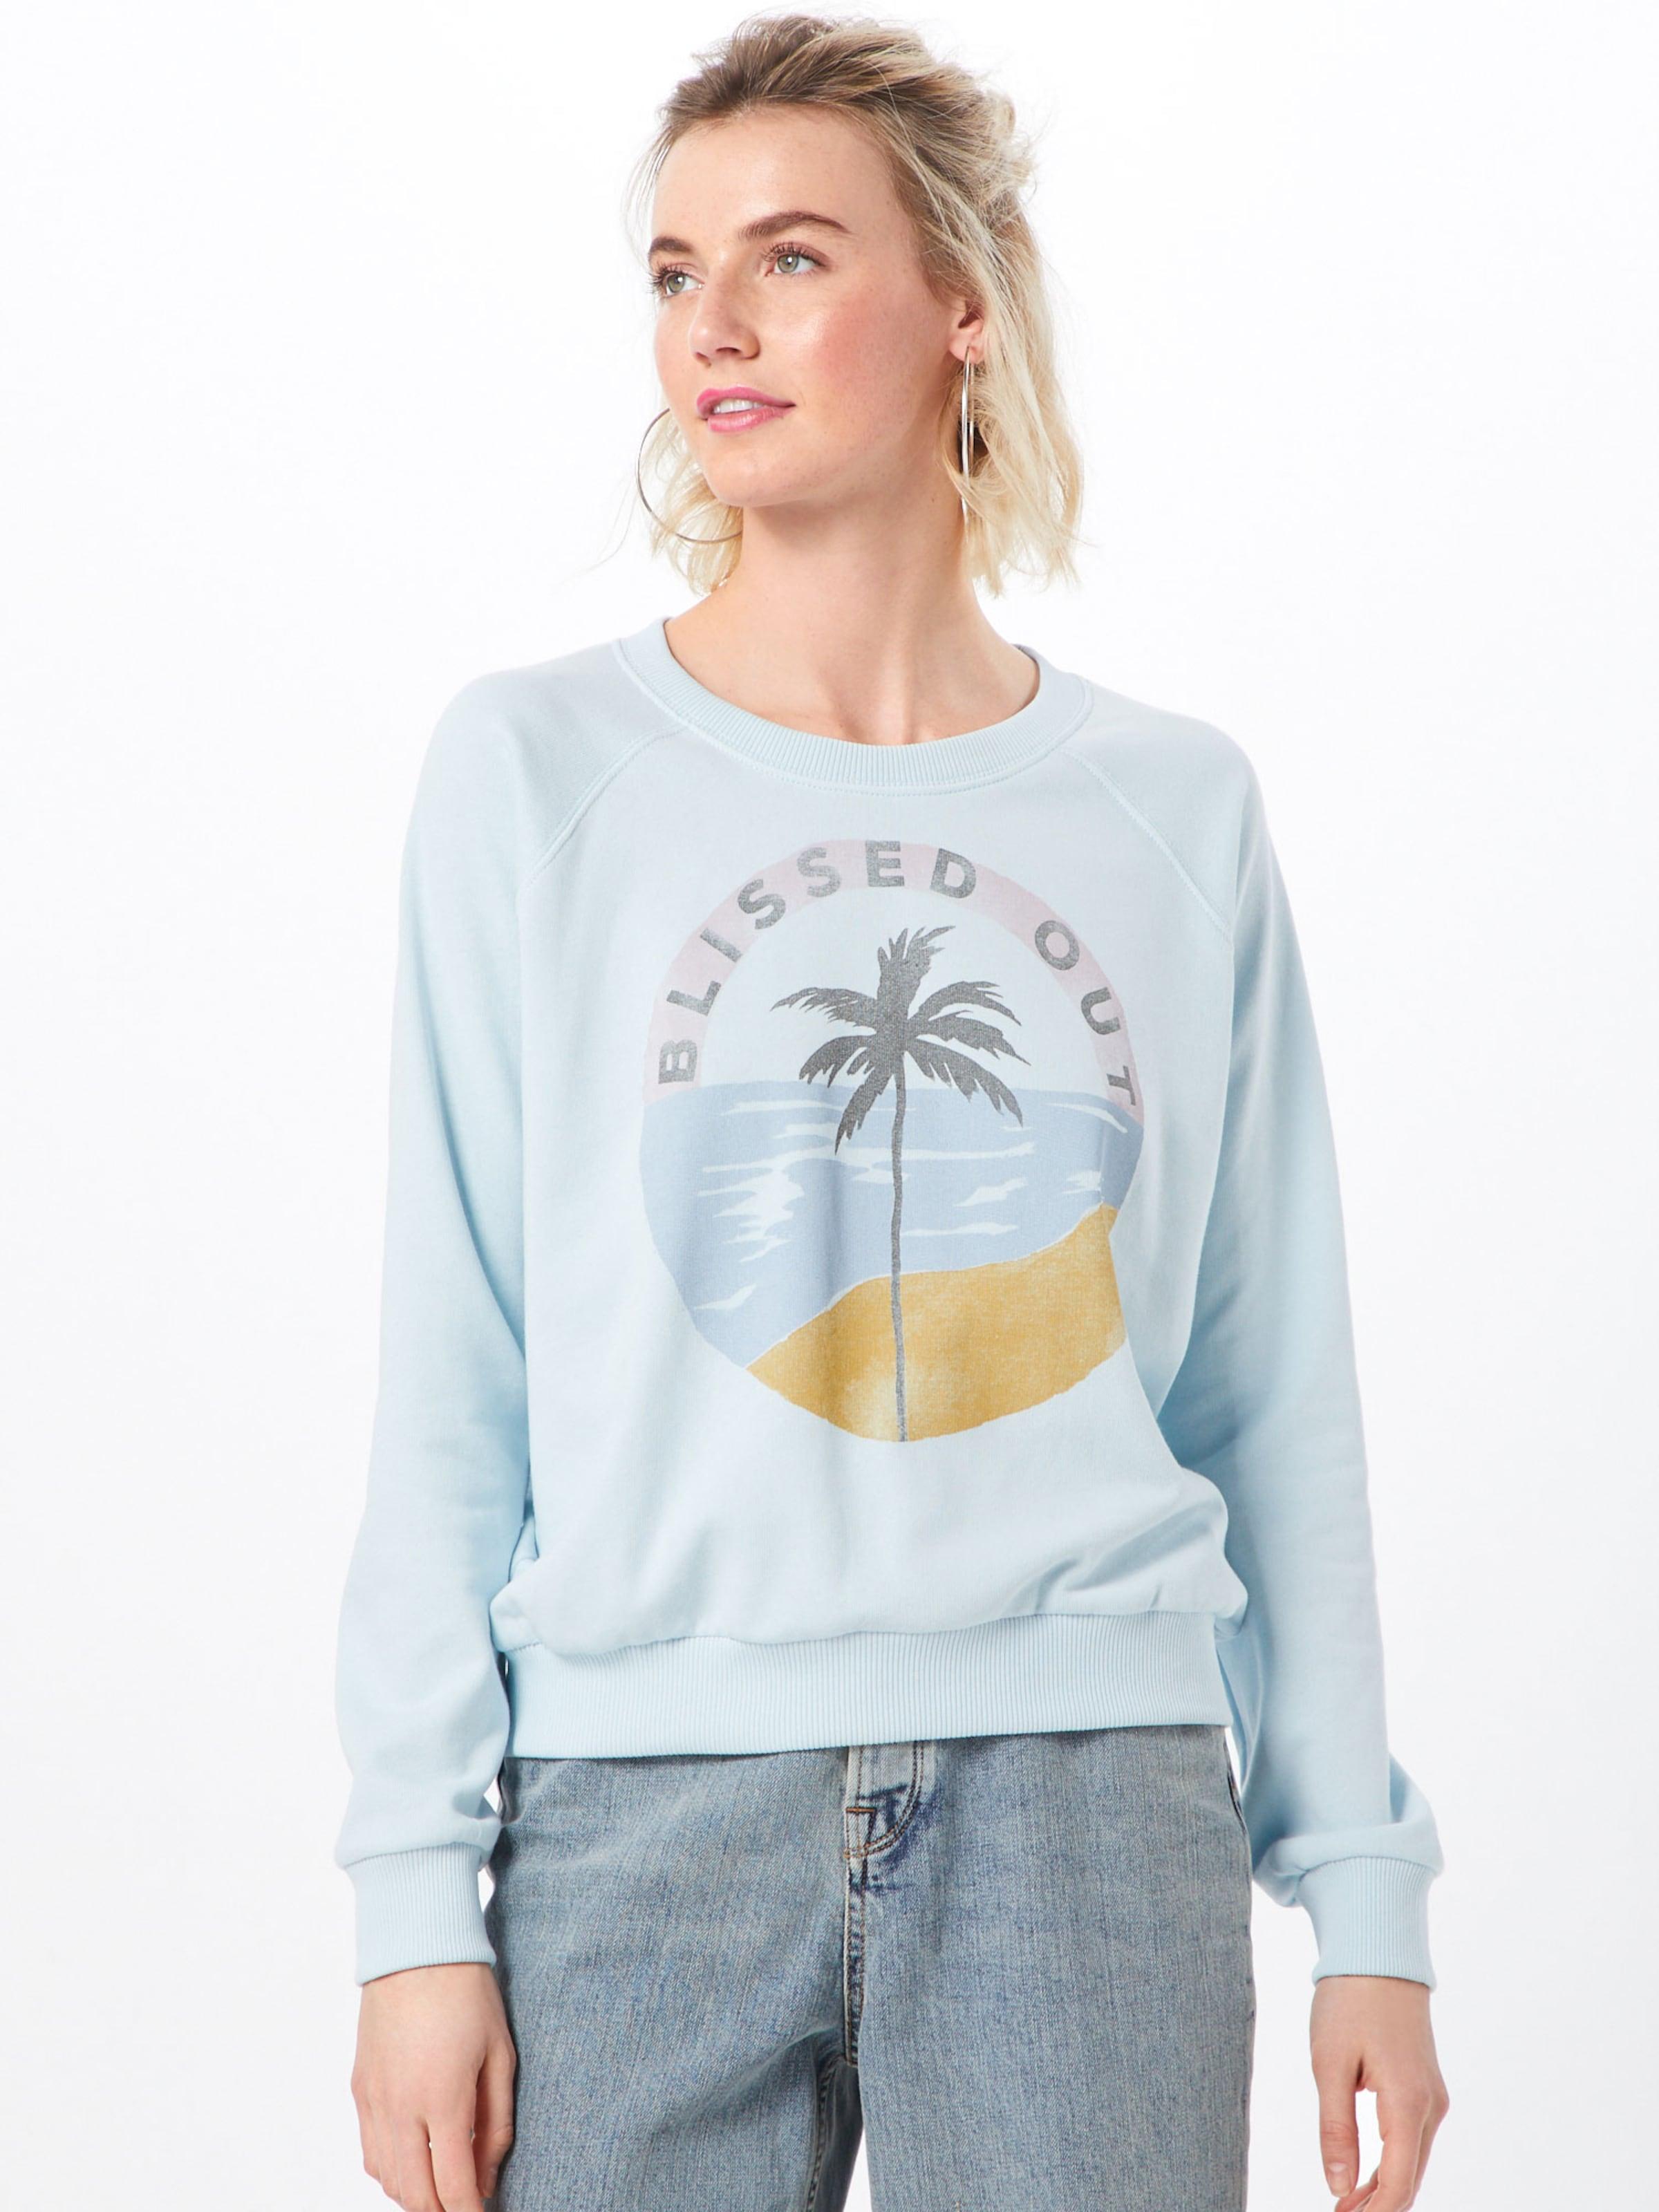 shirt Clair En Sweat 'laguna Beach' Bleu Billabong yvwOmNn08